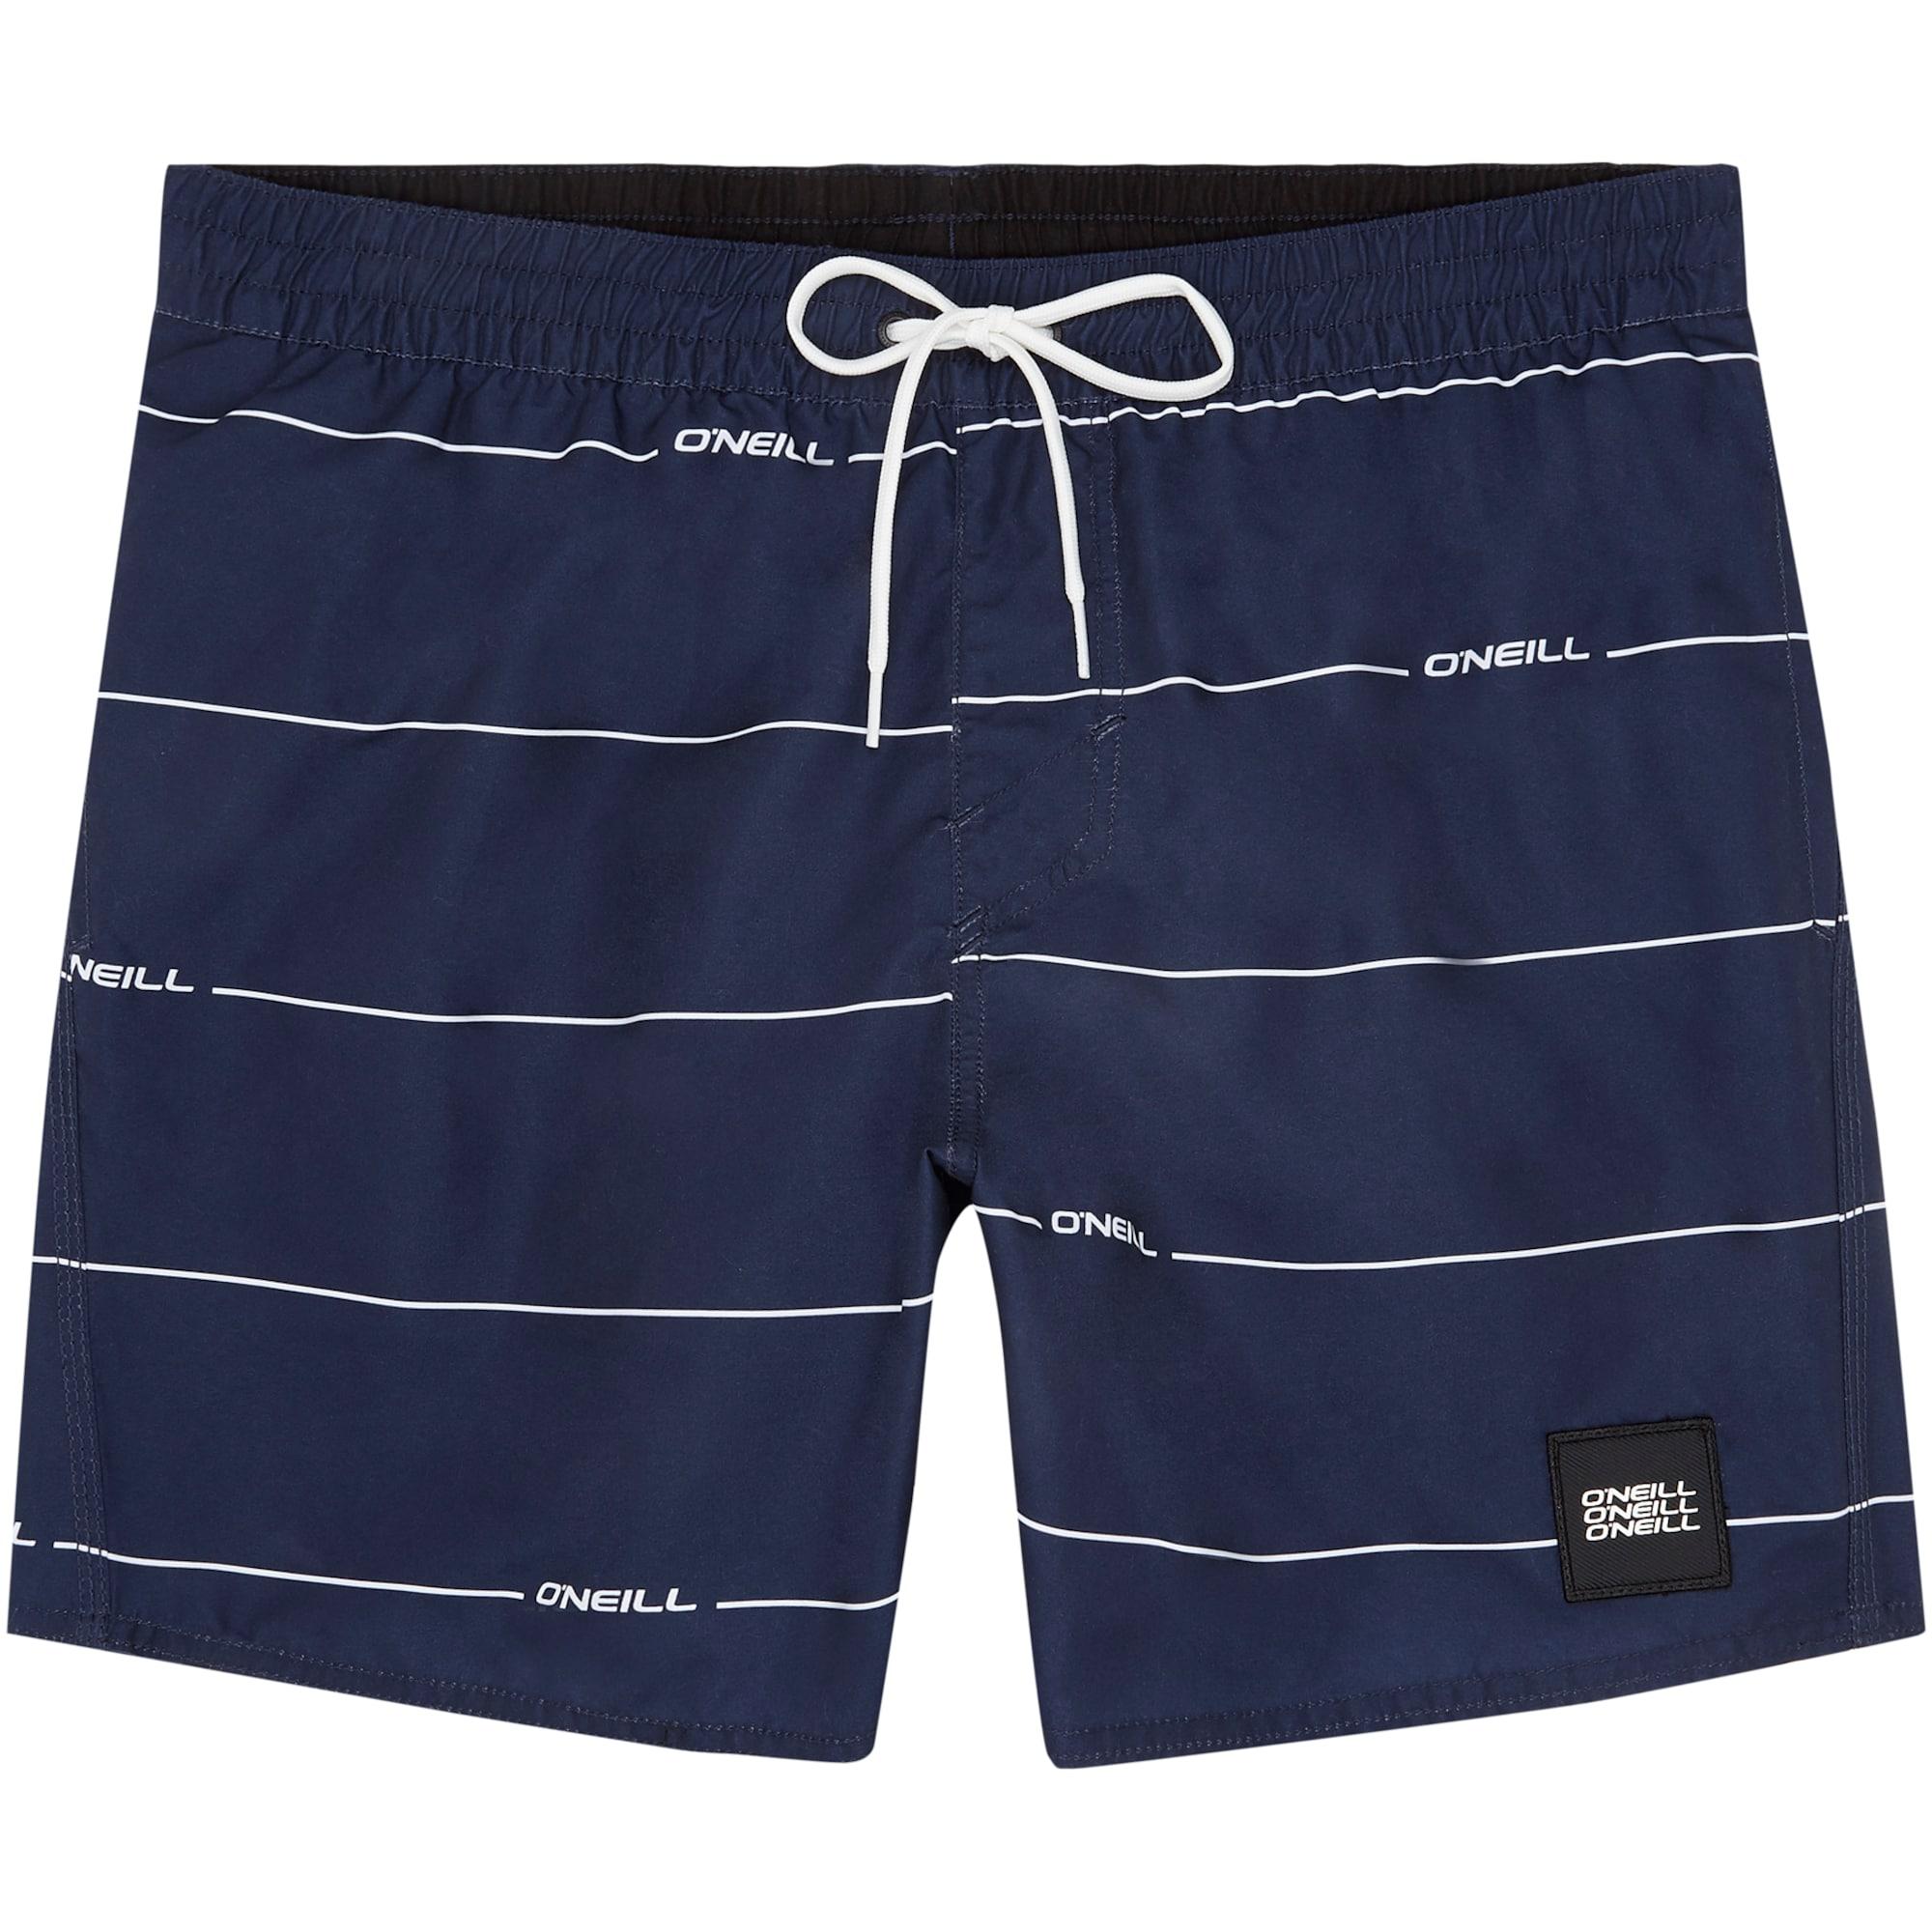 ONEILL Plavecké šortky Contourz námořnická modř bílá O'NEILL